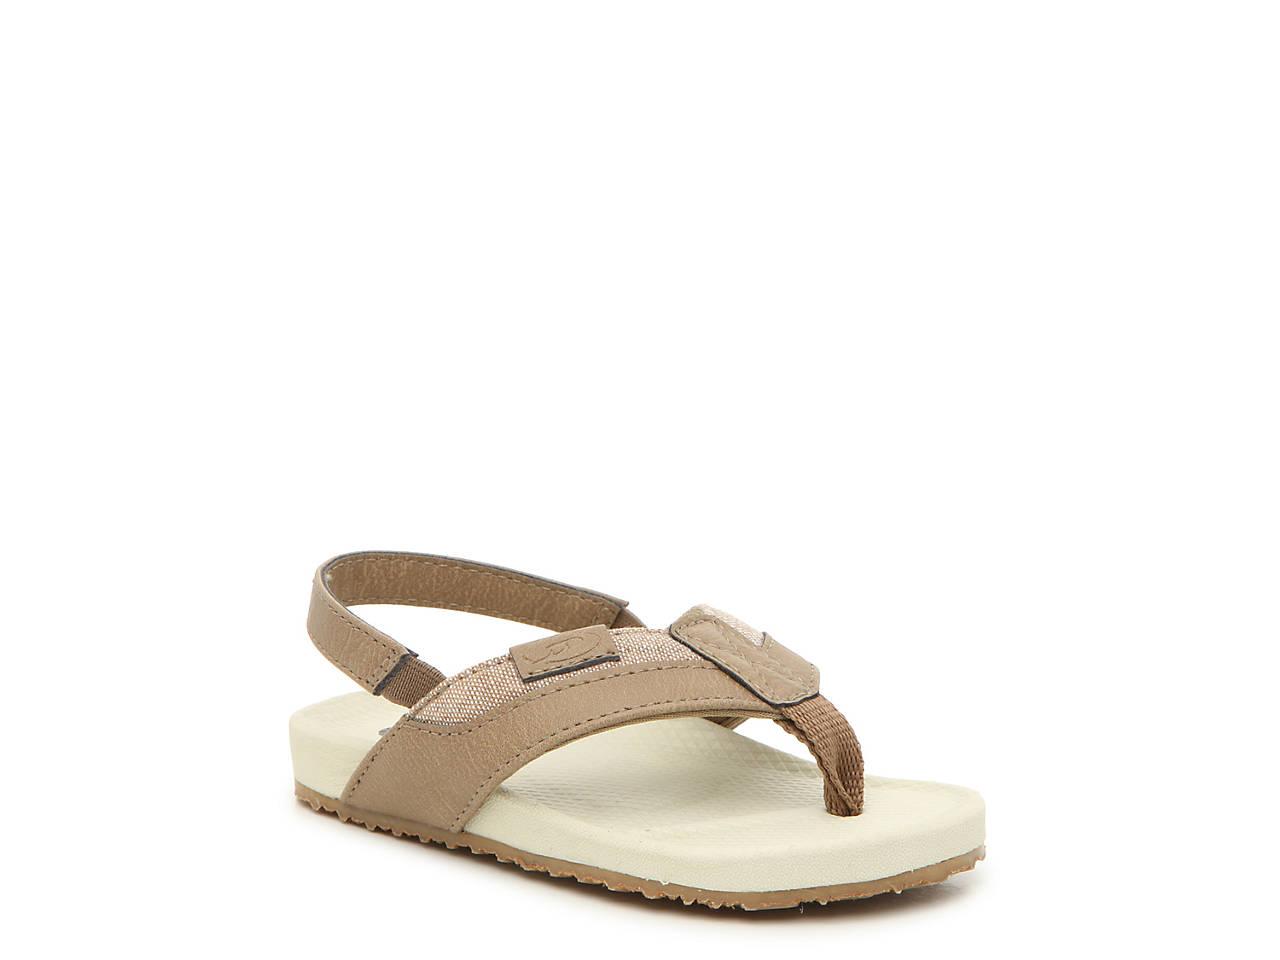 b5698cdb6aa Dr. Scholl s Brooks Toddler Flip Flop Kids Shoes